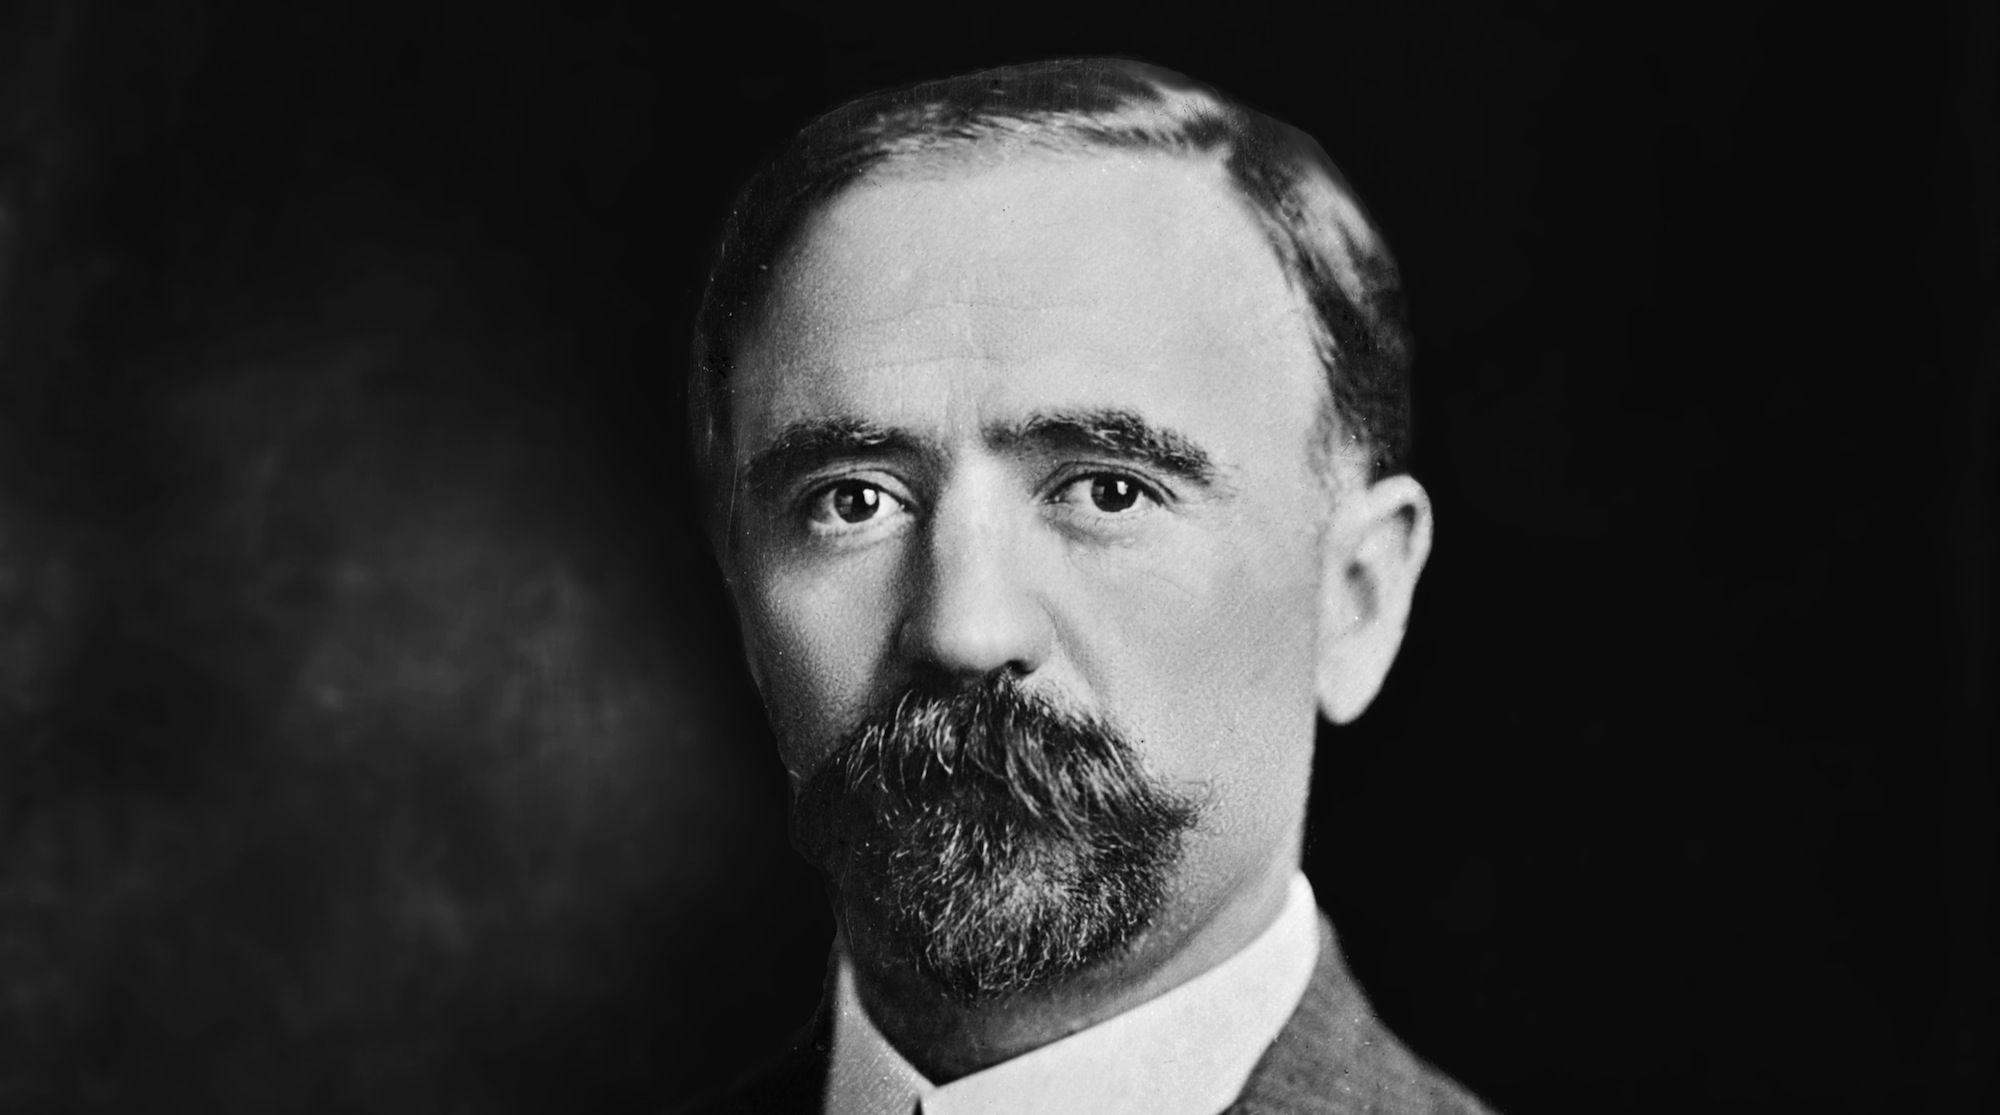 Foto retocada del ex-presidente mexicano Francisco I. Madero.